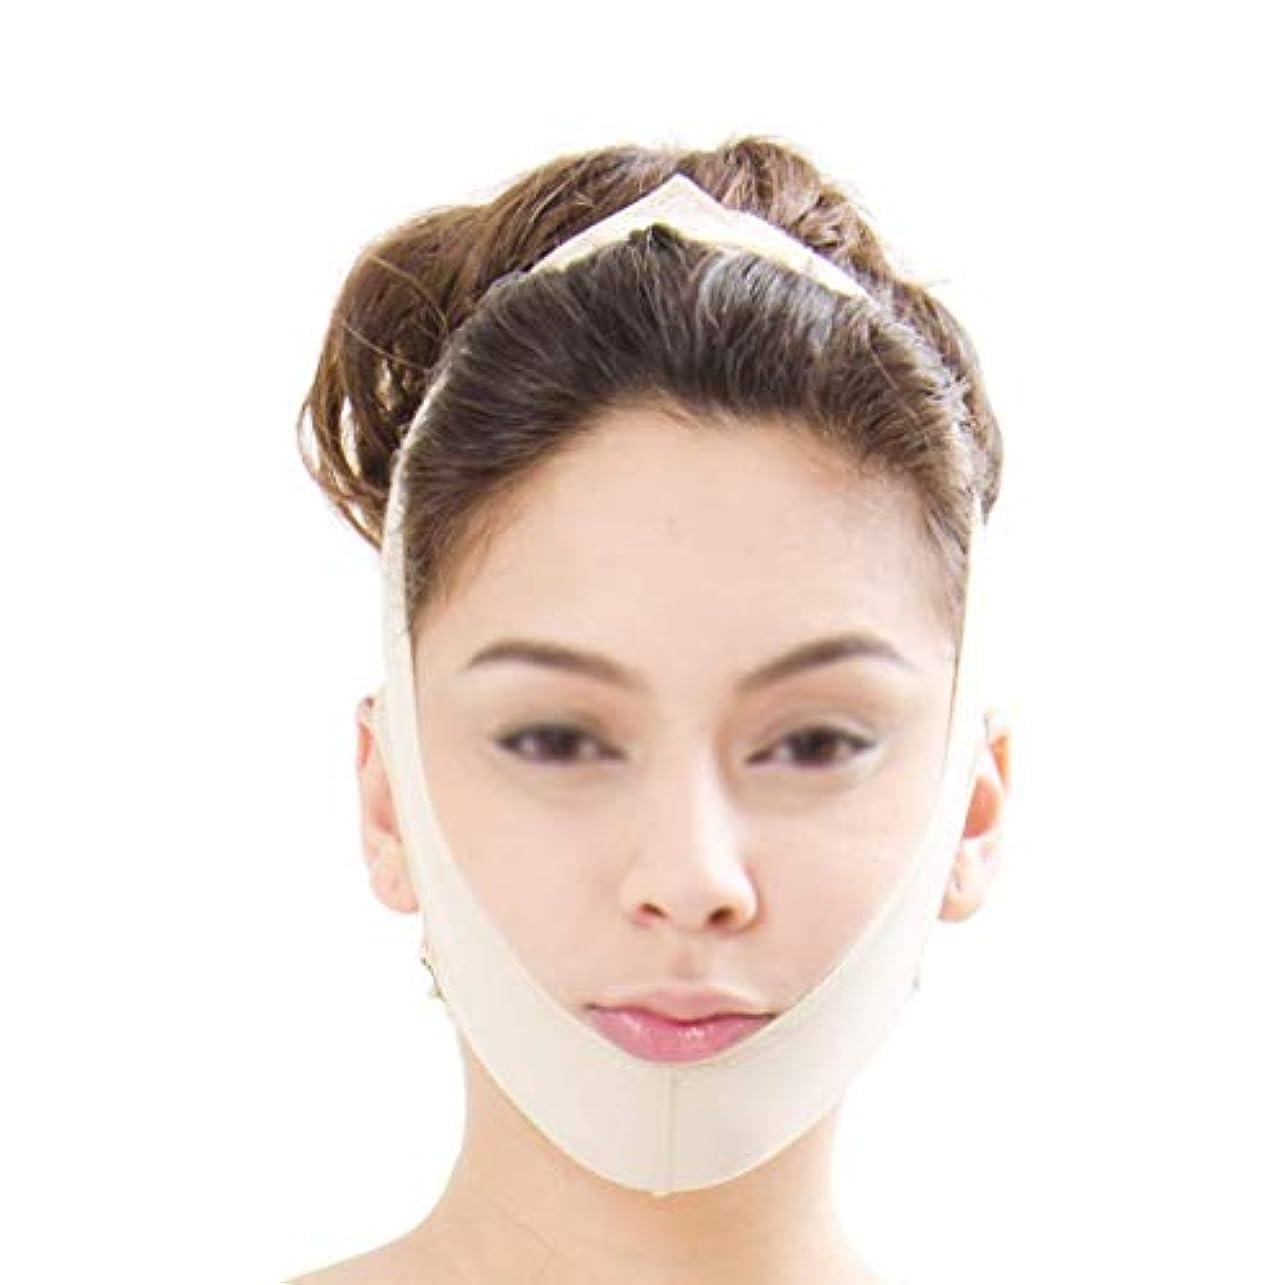 いいねスリップ香ばしいフェイススリミングバンデージ、フェイスリフティングマスク、フェイスリフティングバンデージ、フェイシャル減量マスク、ダブルチンケア減量(サイズ:M),S